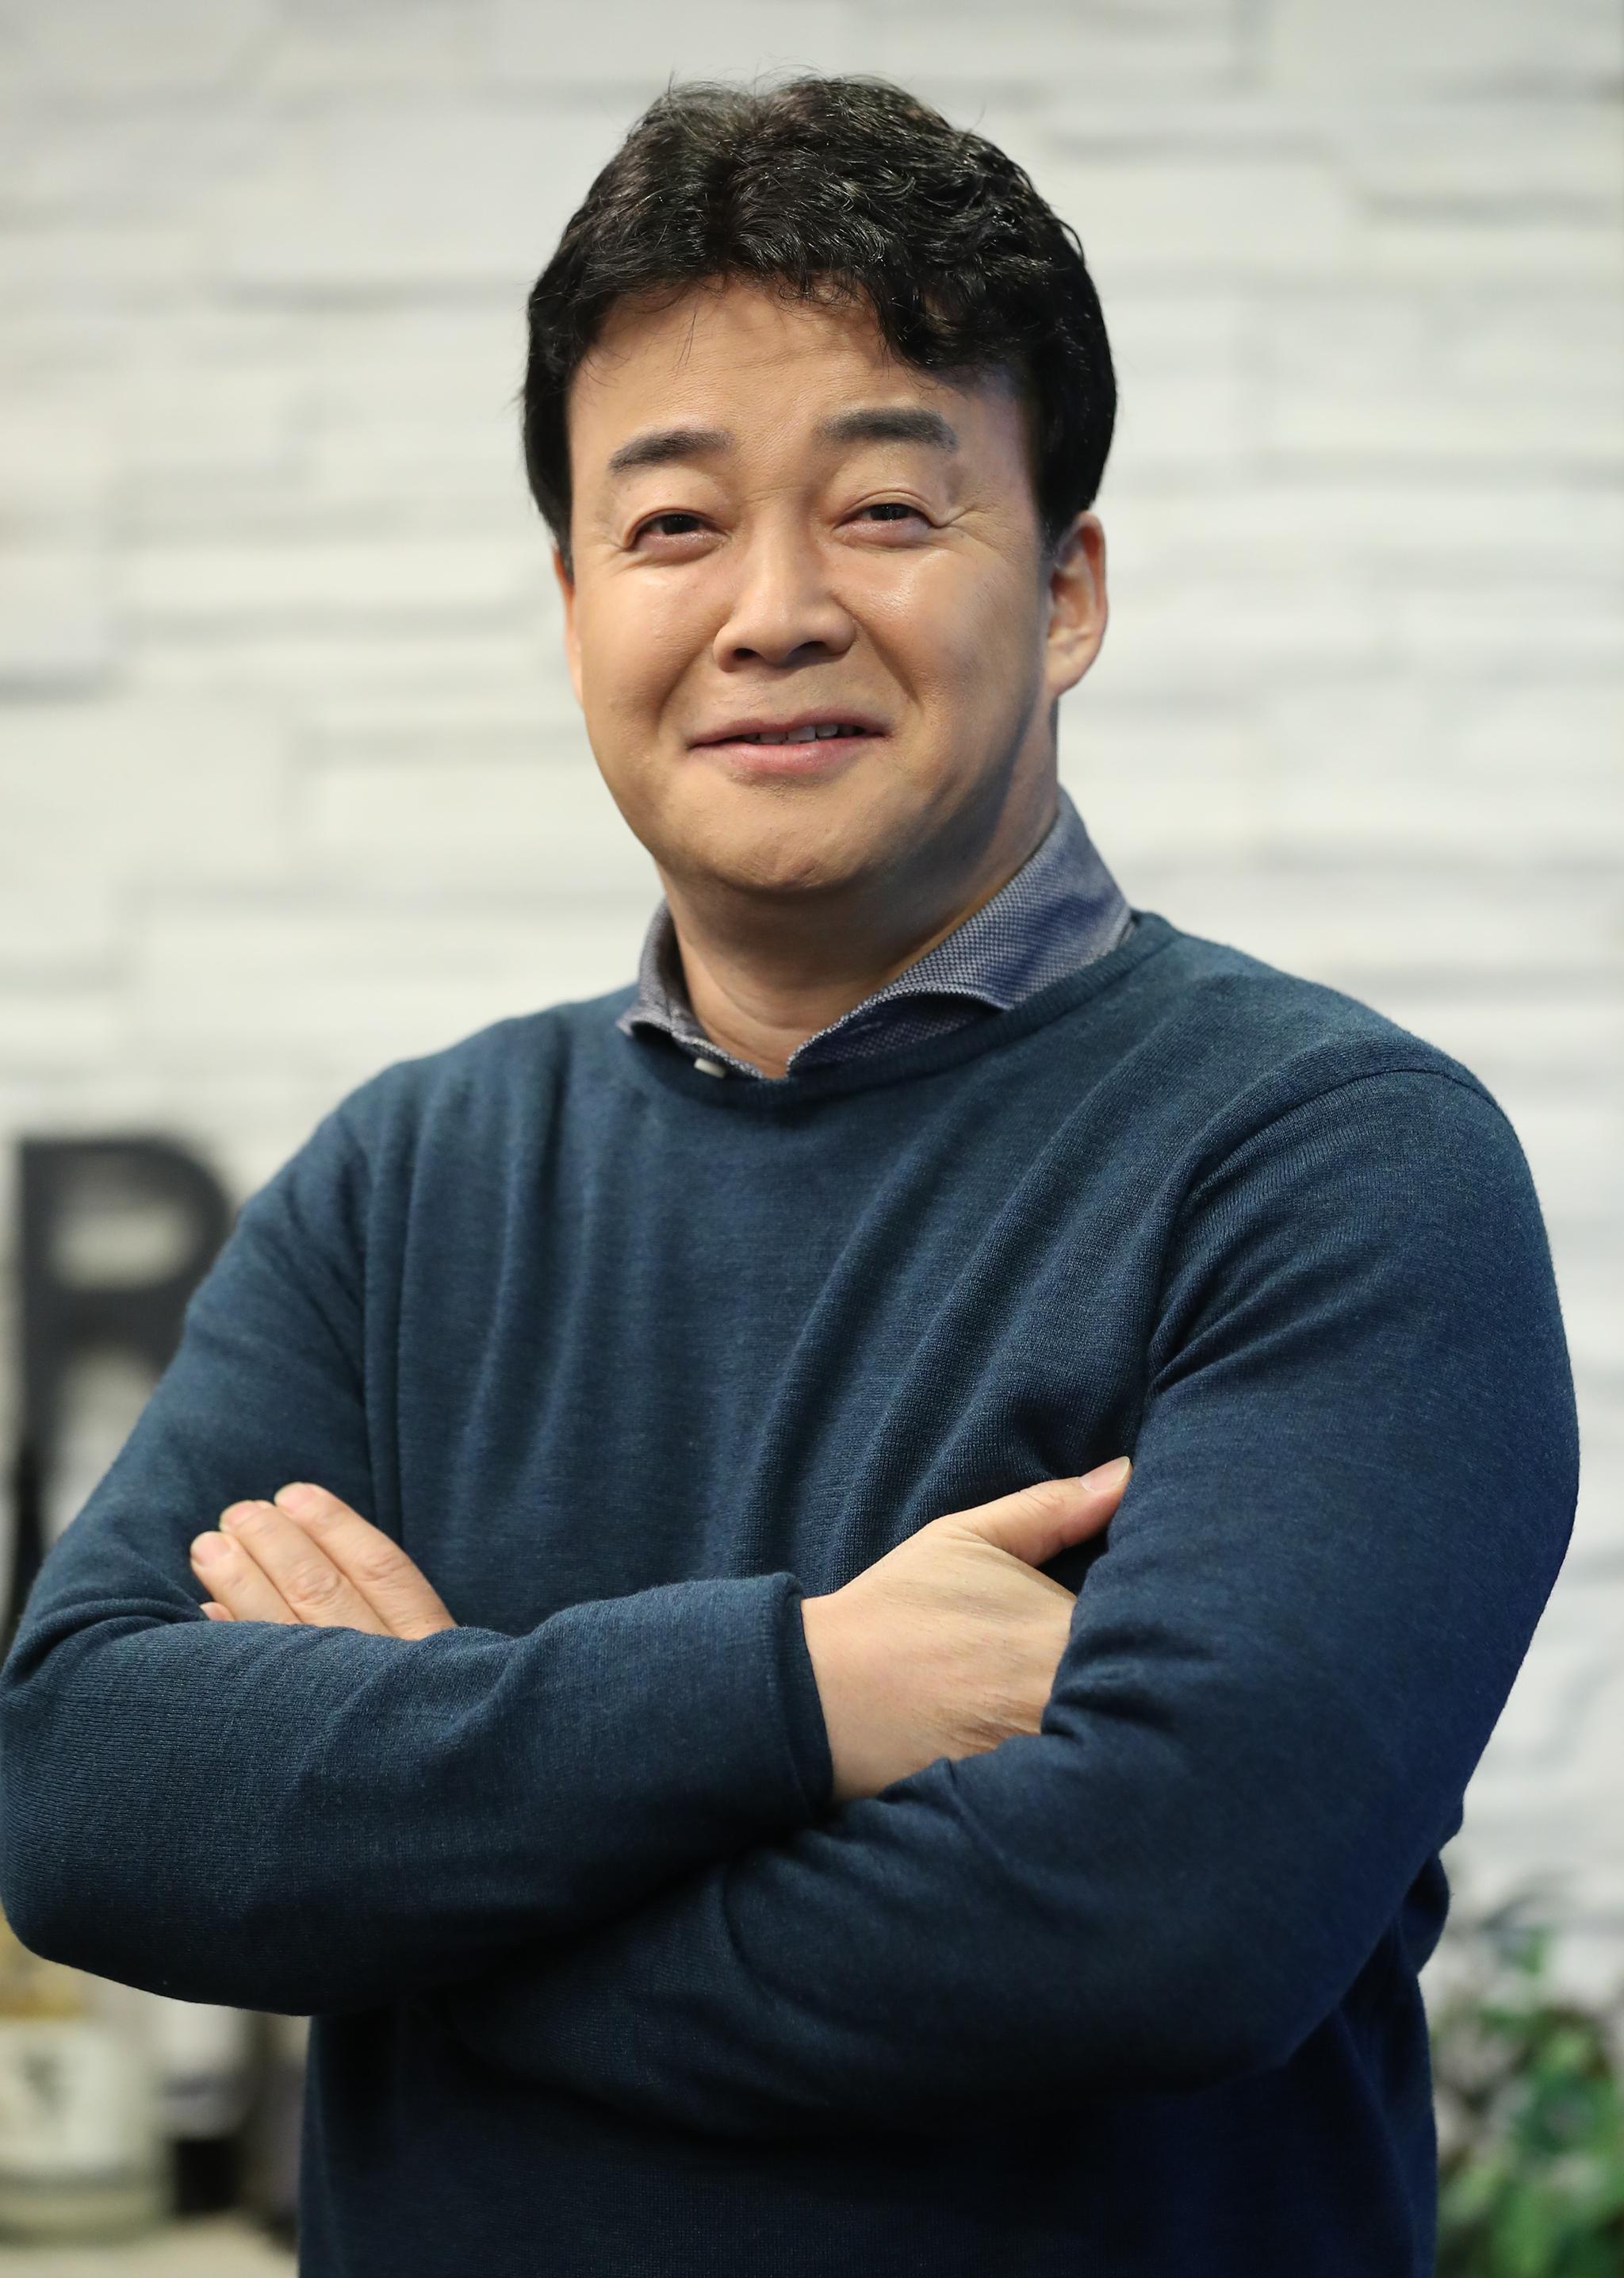 백종원 더본코리아 대표이사. [연합뉴스]